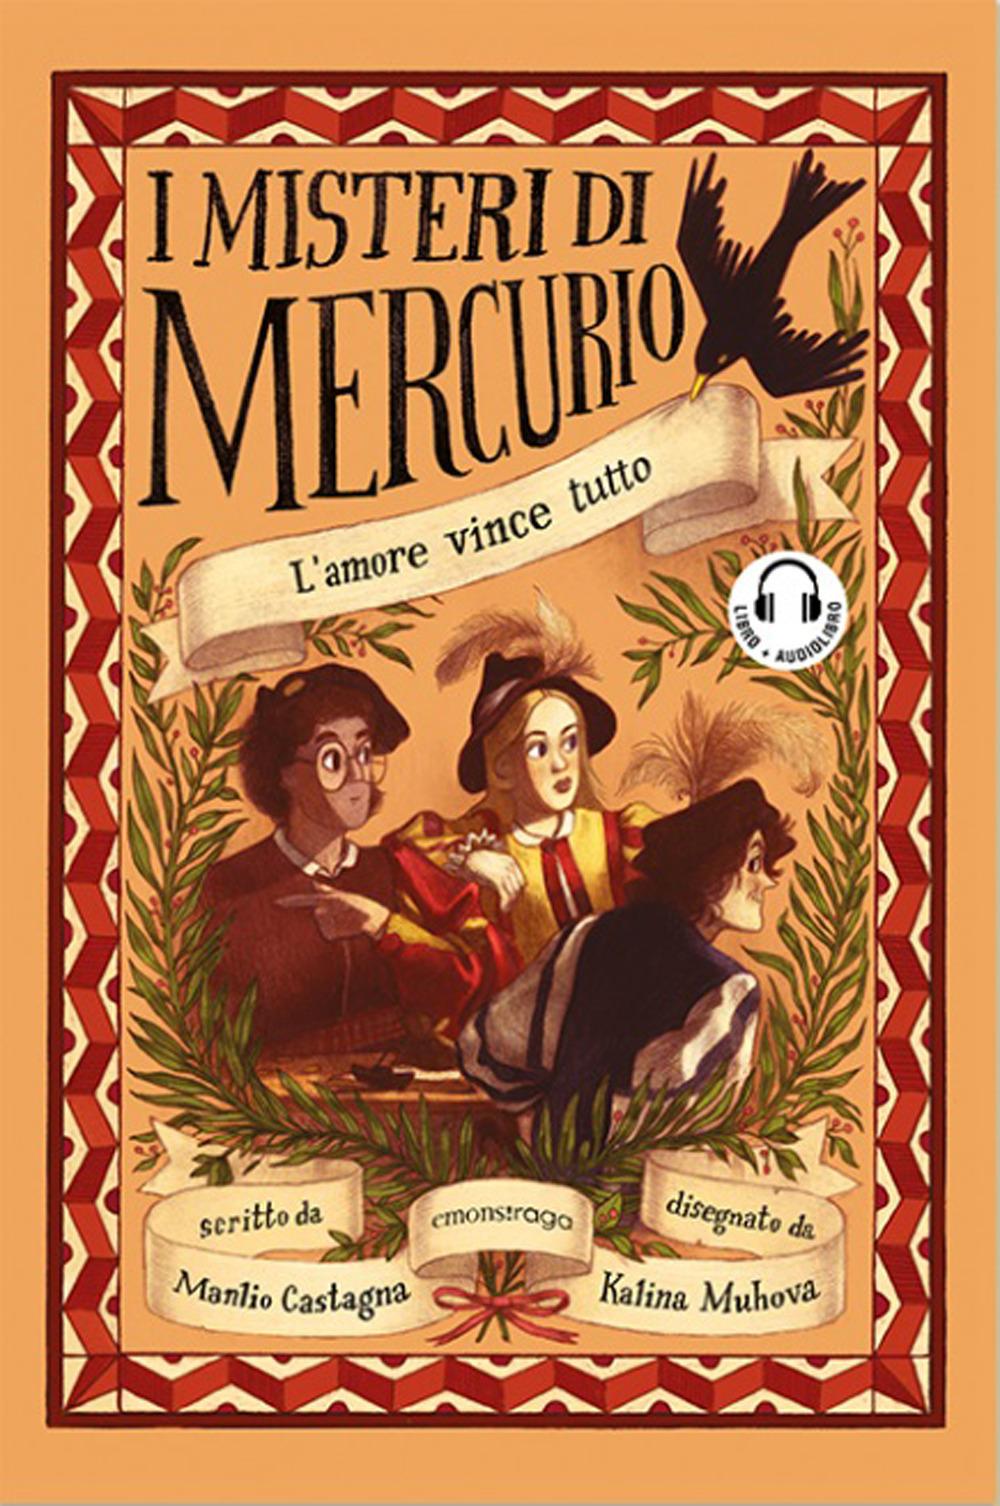 AMORE VINCE TUTTO. I MISTERI DI MERCURIO (L') - 9788869866029